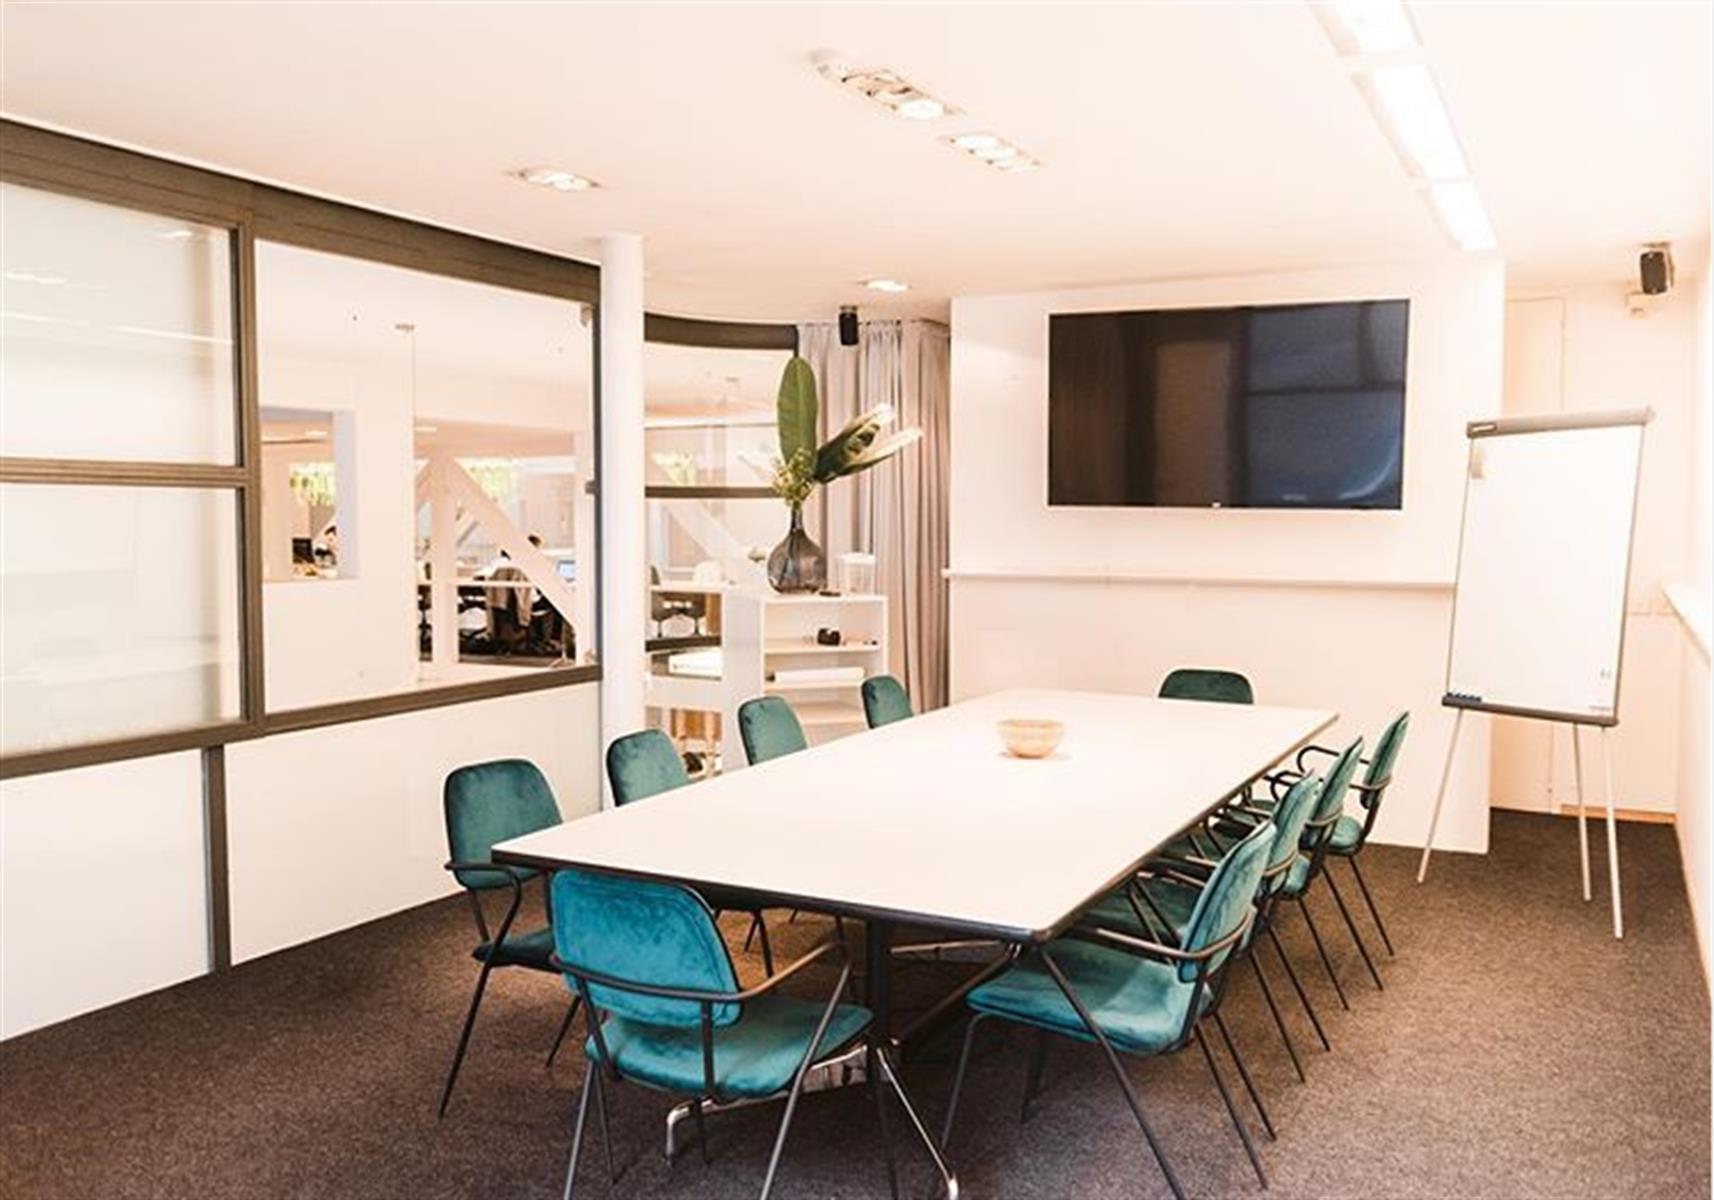 kantoor te huur I175 - IJzerenpoortkaai 3, 2000 Antwerpen, België 3